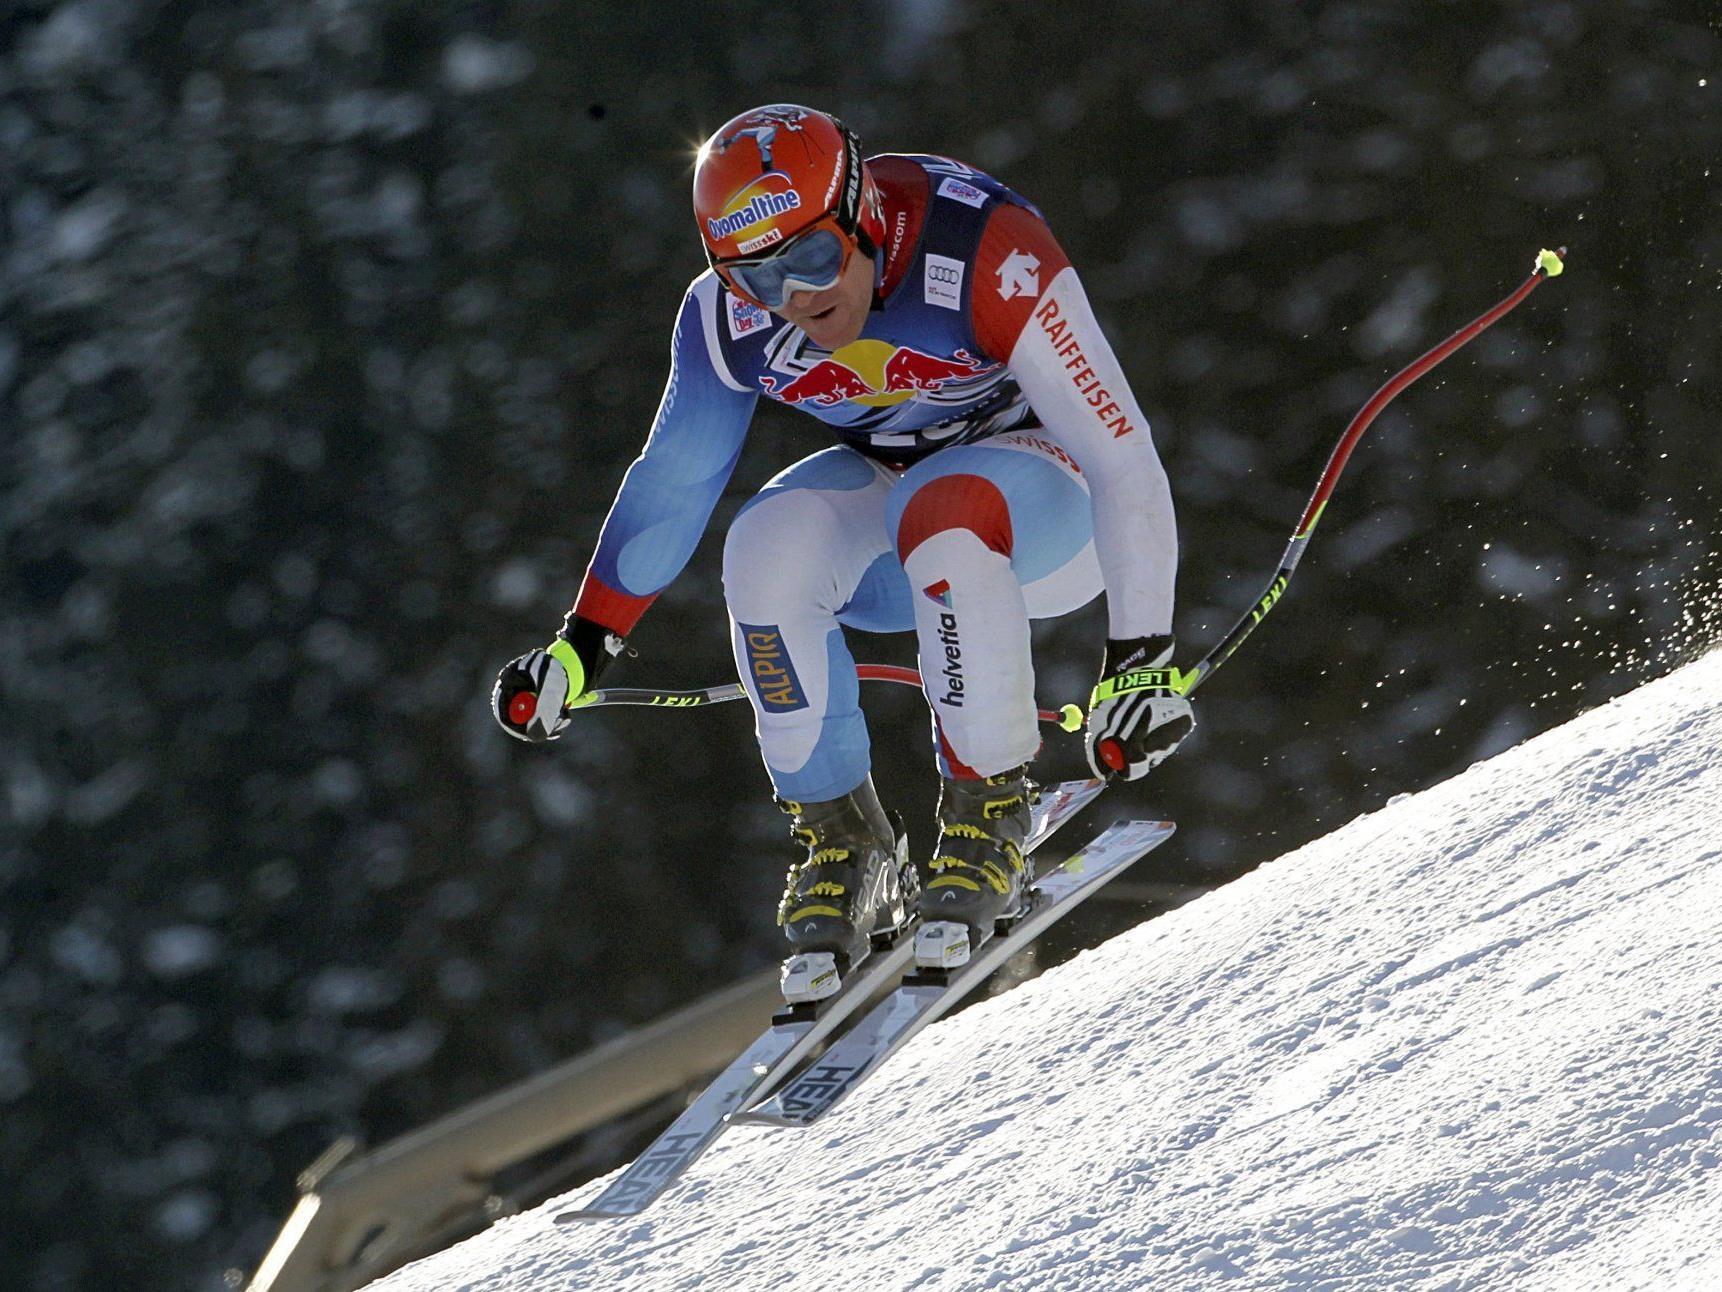 Der vierfache Streif-Sieger Didier Cuche zählt wieder zu den Favoriten in Kitzbühel.